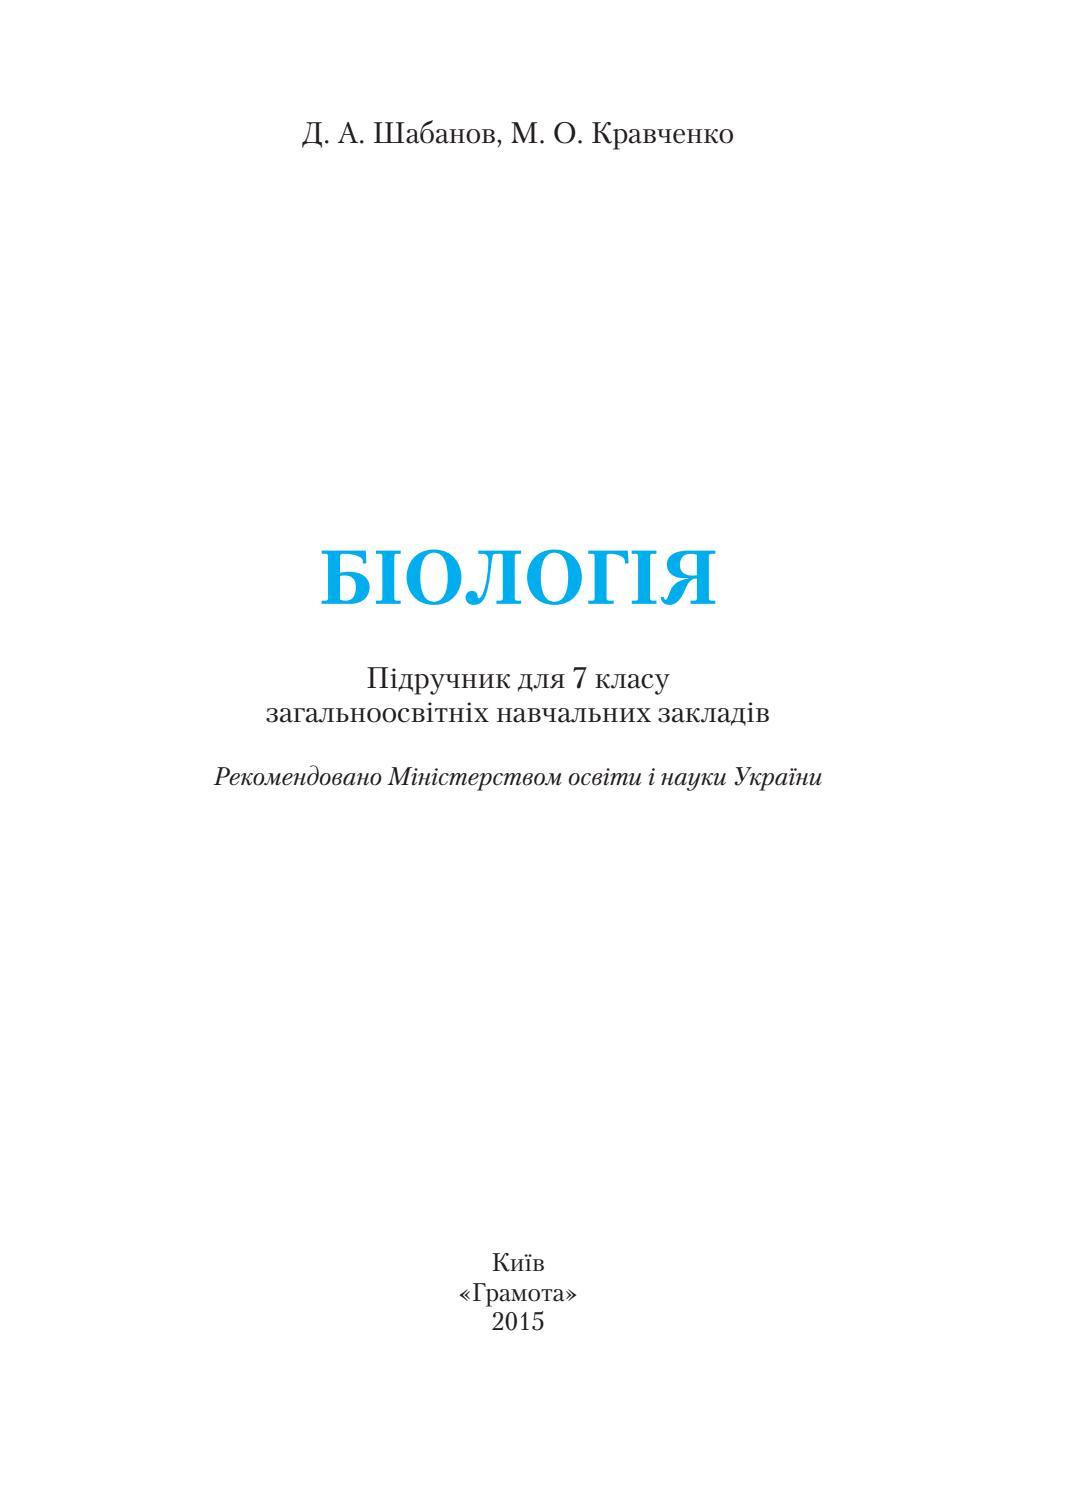 7 клас Біологія. Підручник (Д. А. Шабанов e1d279b47c54c